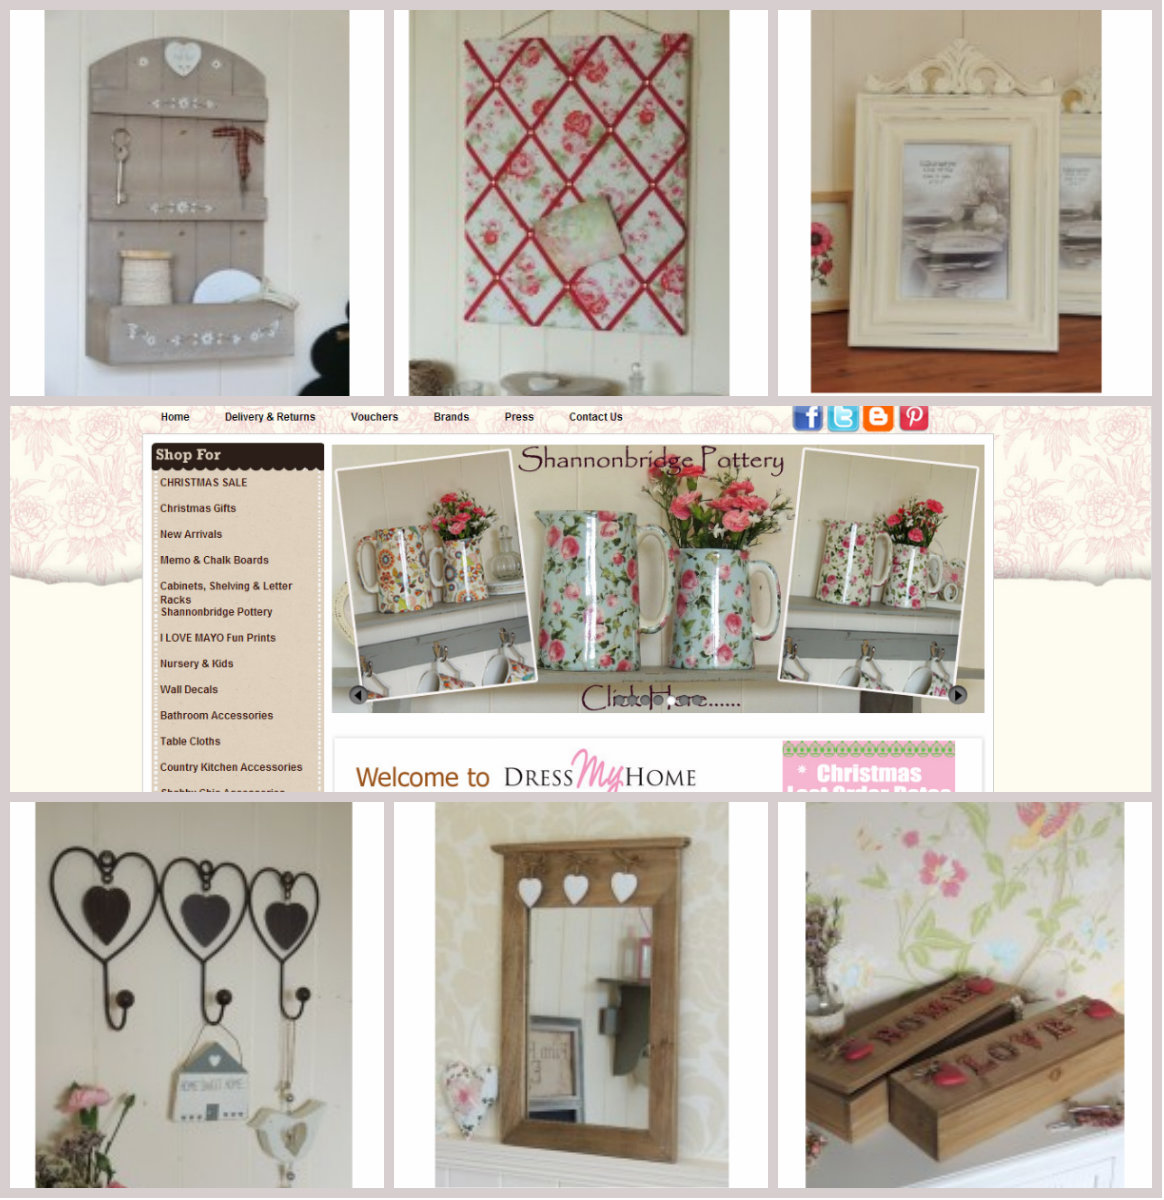 cde95cb44162 ТОП-10 онлайн-магазинов, где можно купить товары для дома по ...